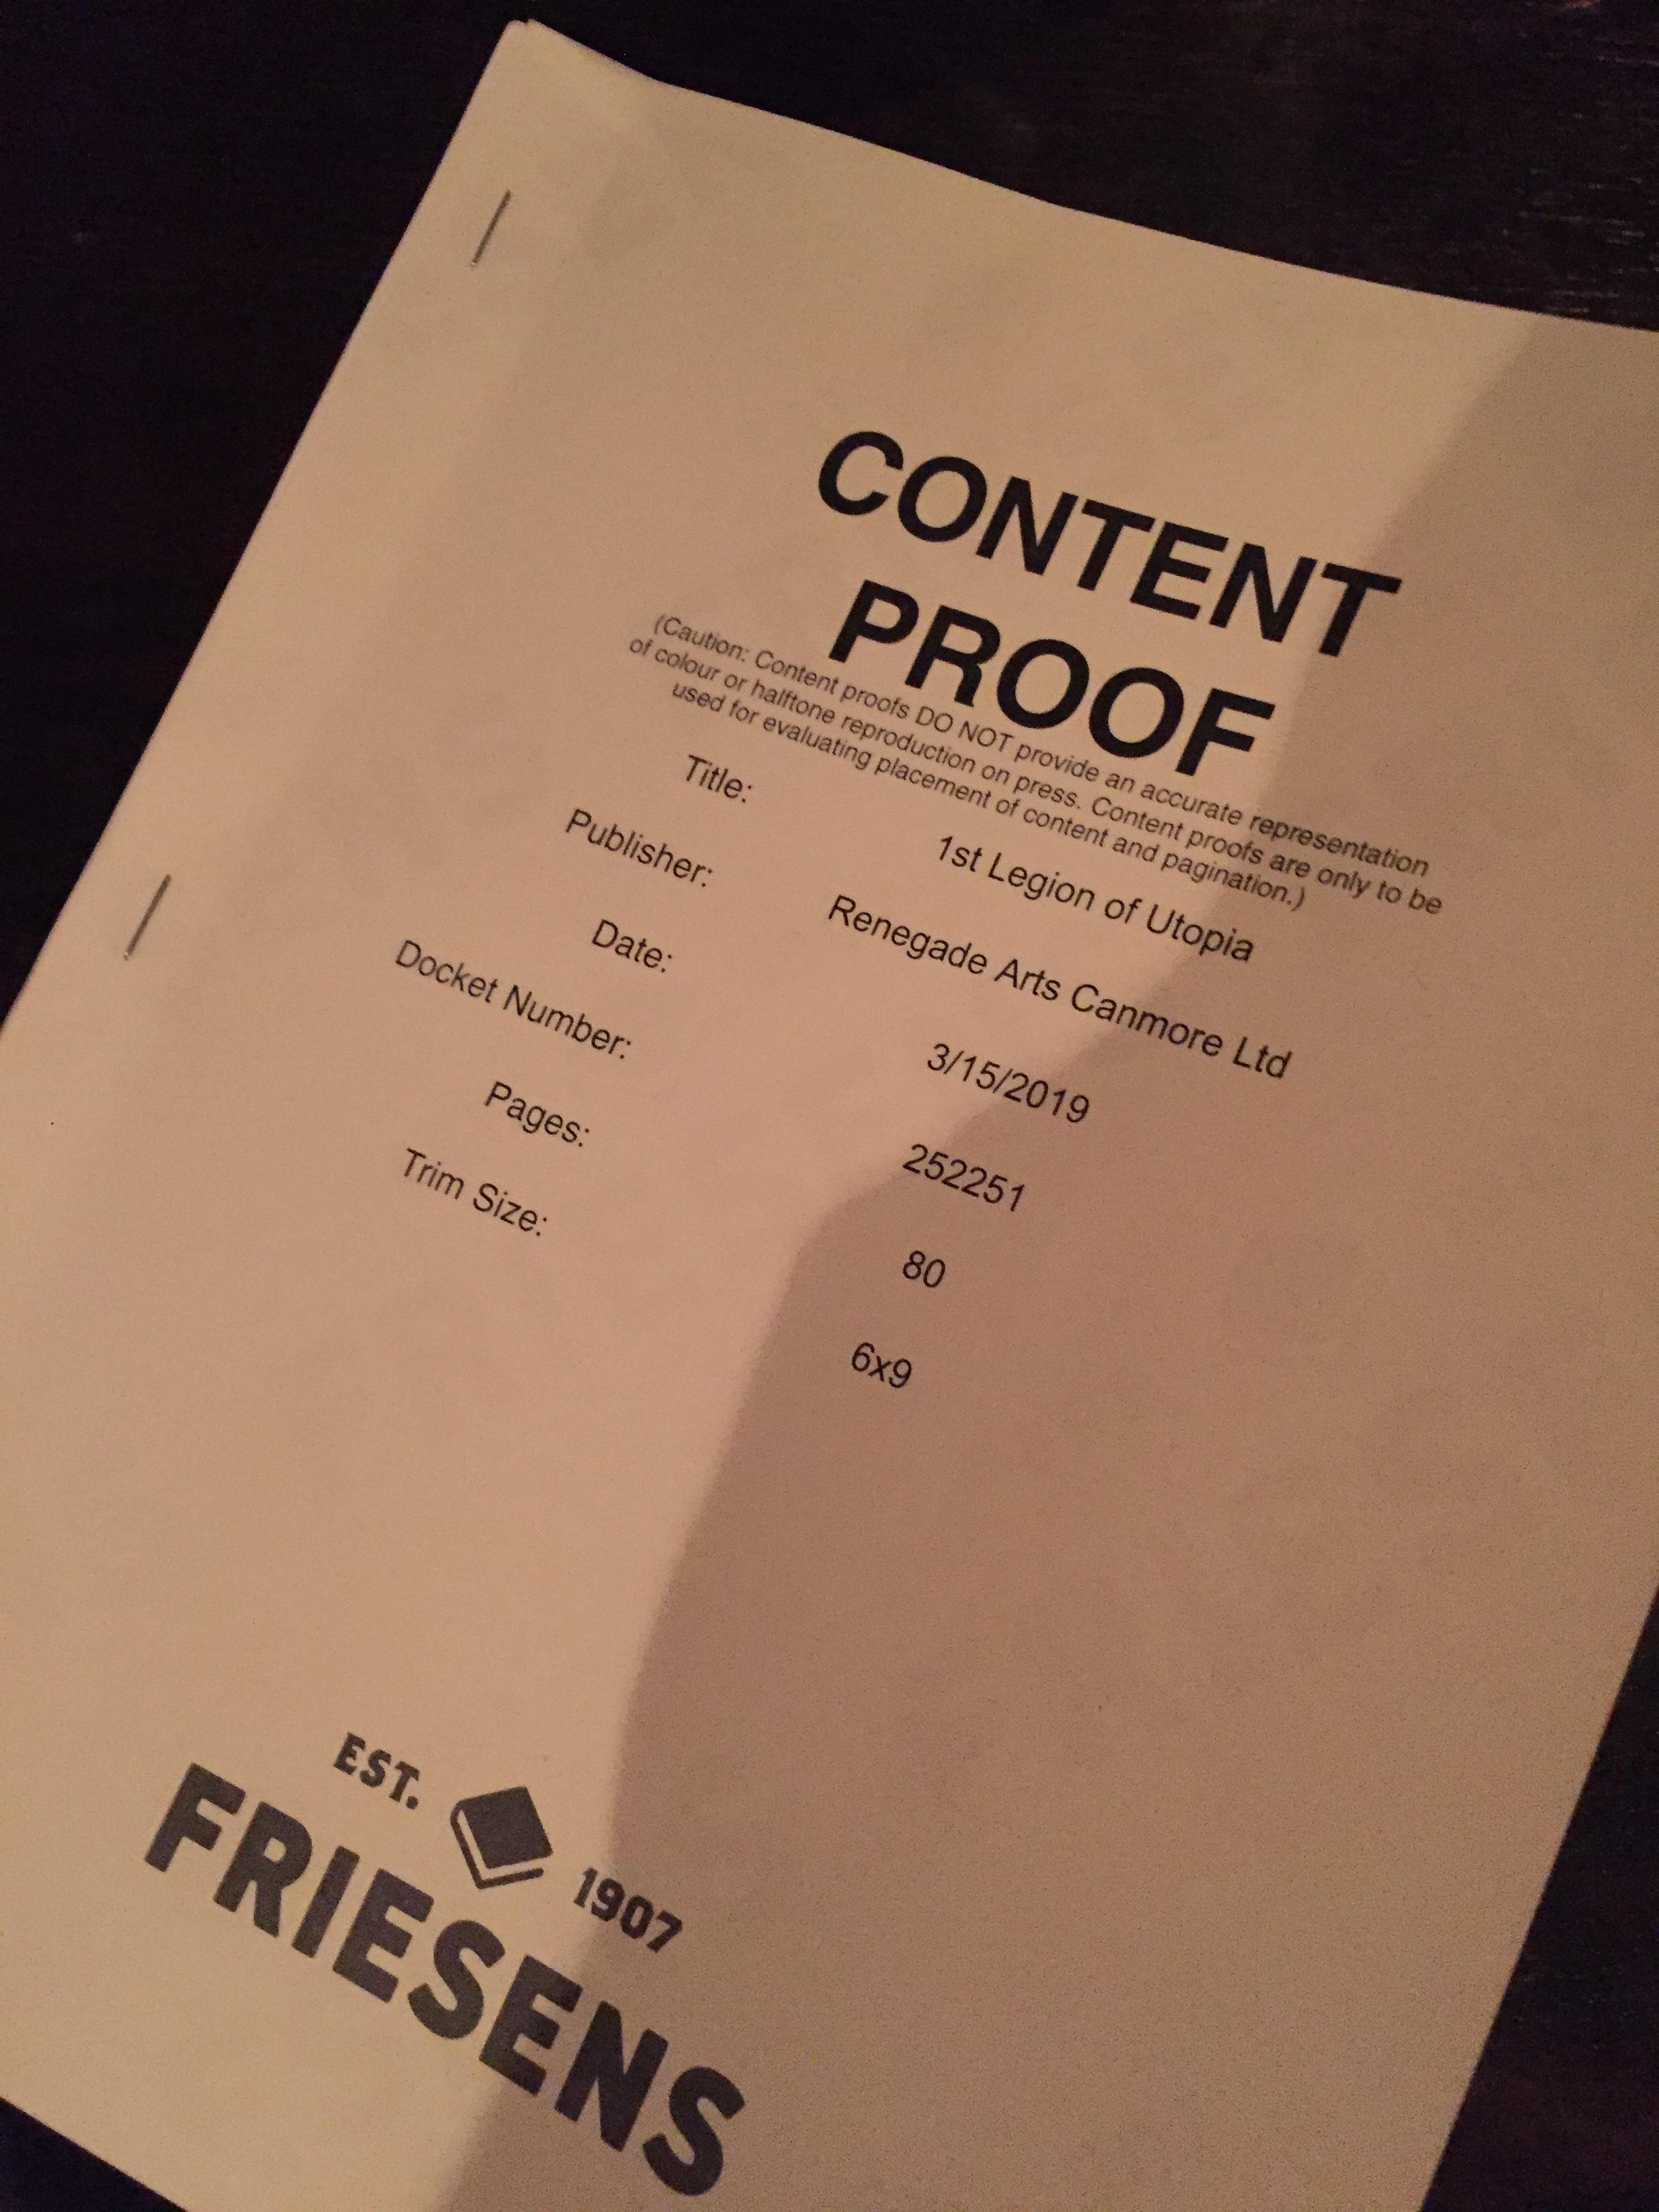 ContentProof_GNN.JPG